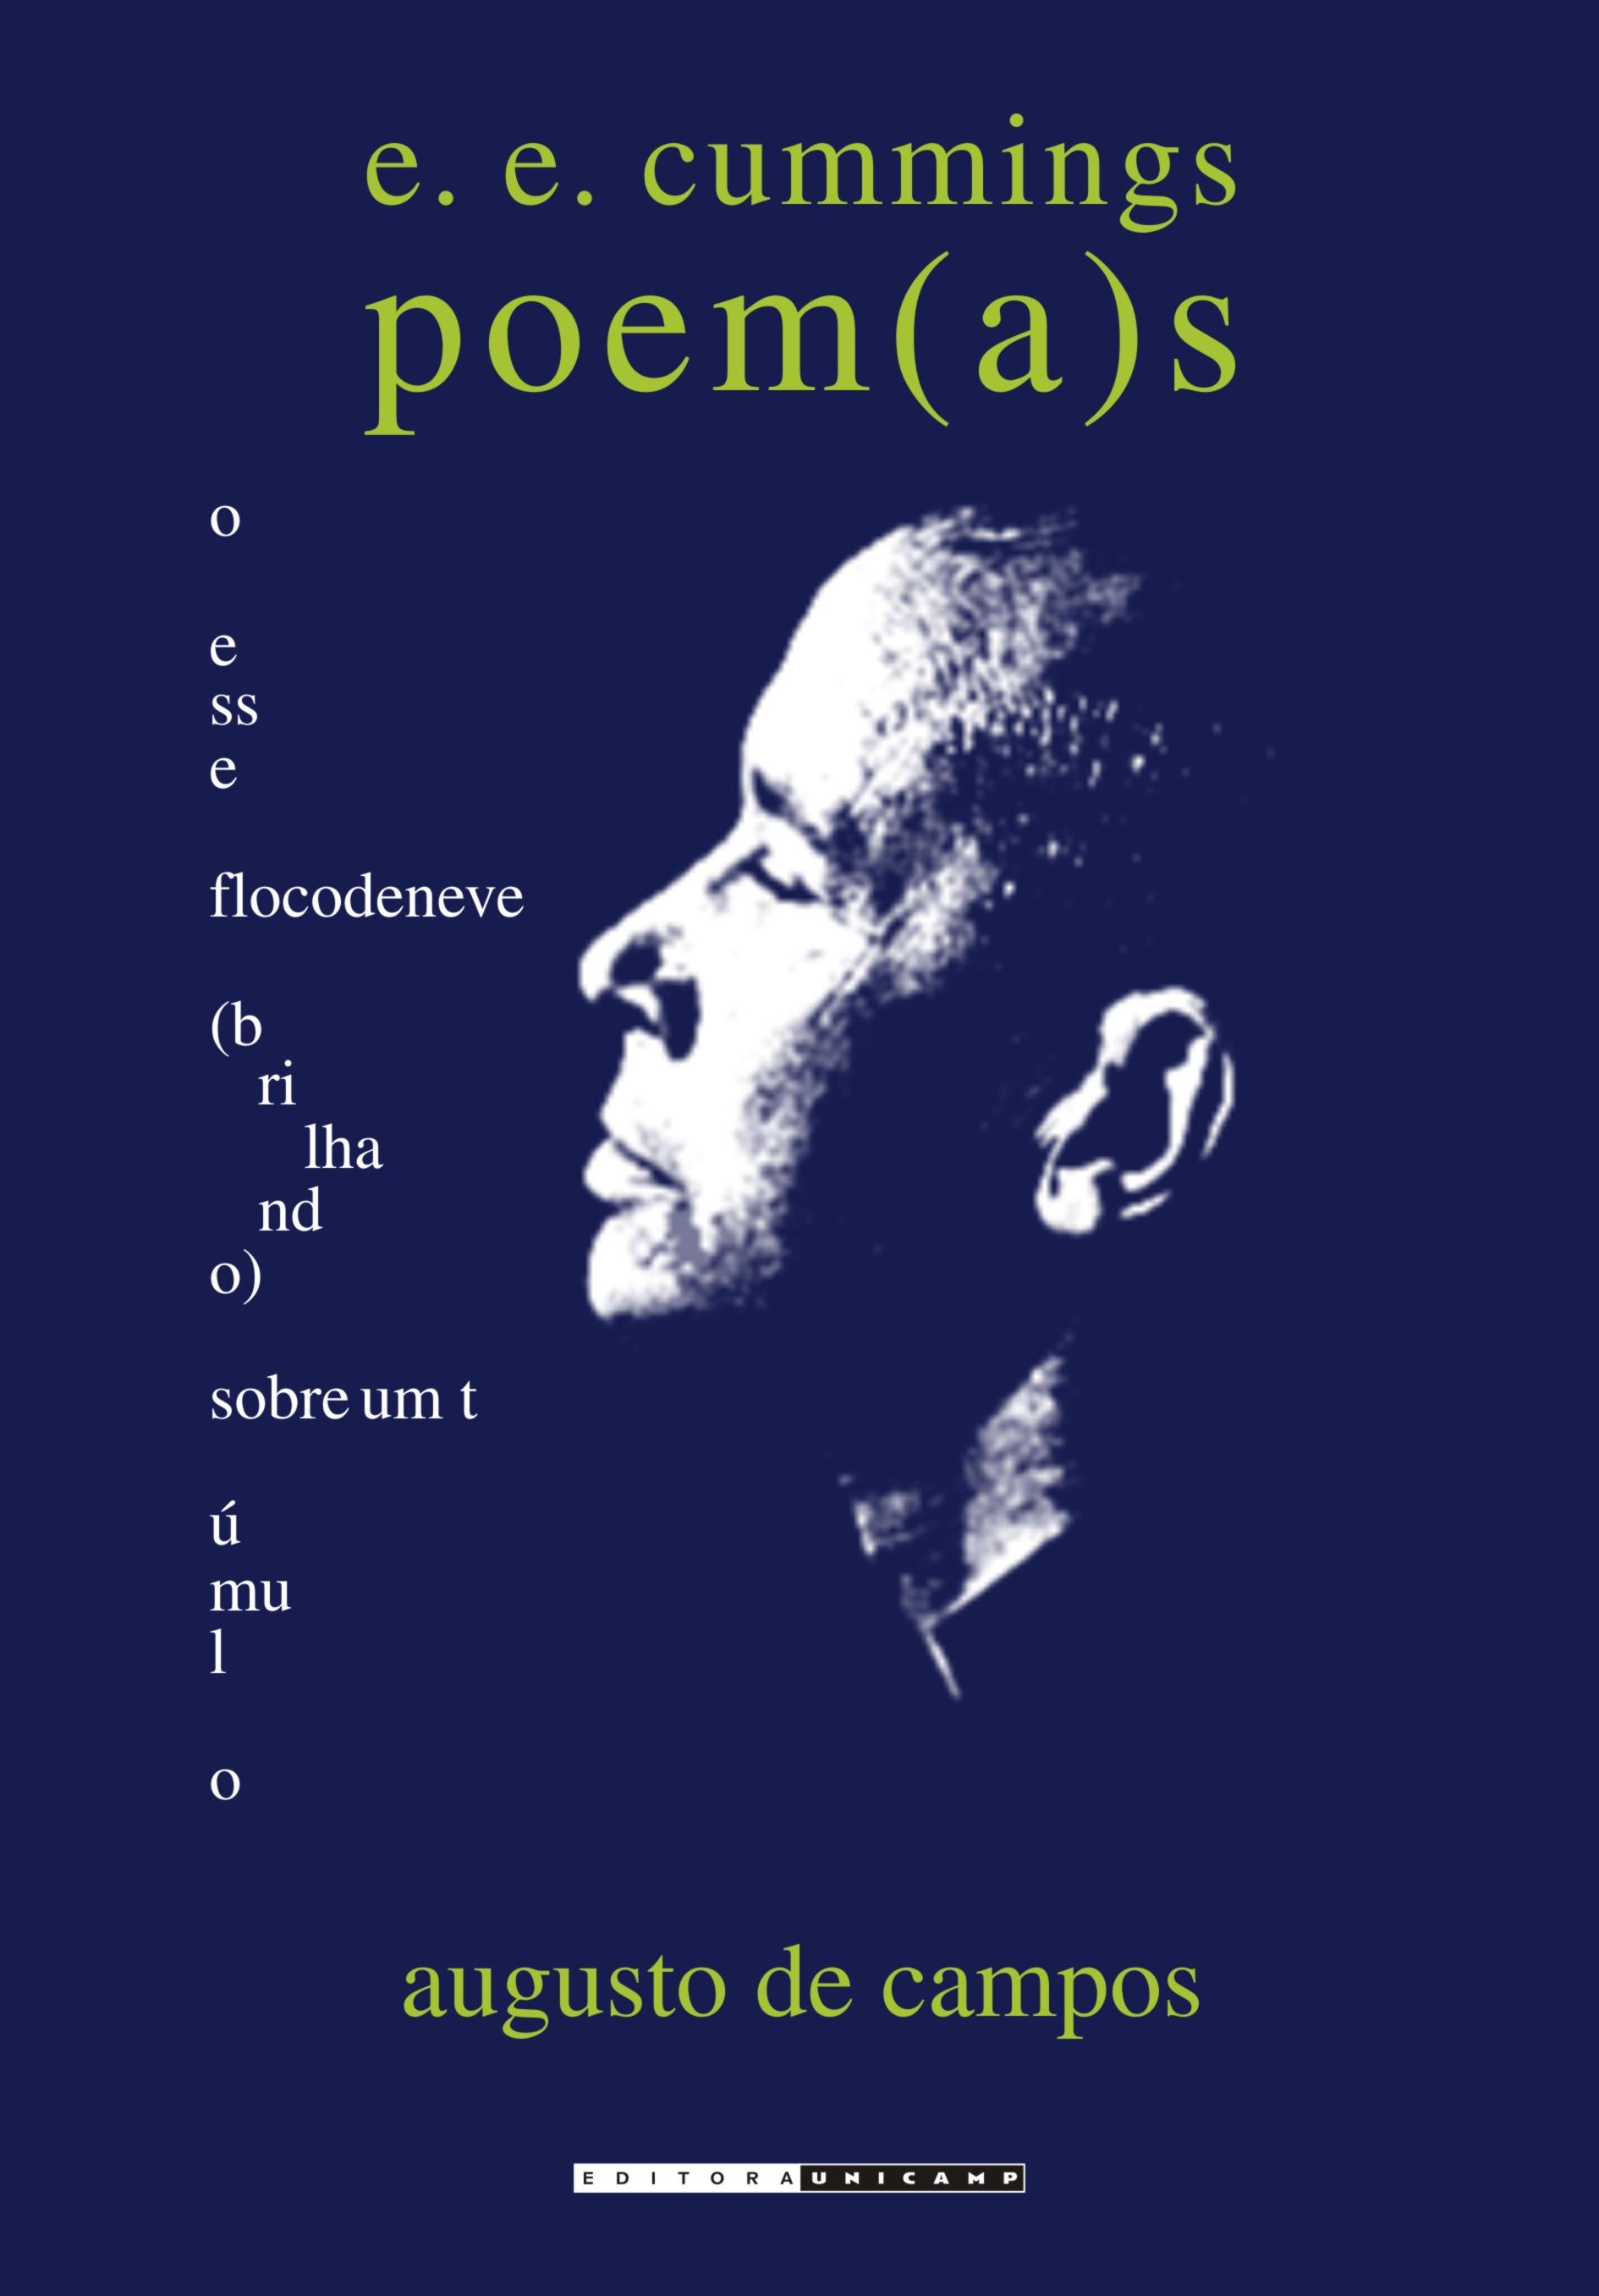 Poem(a)s, livro de E.E. Cummings